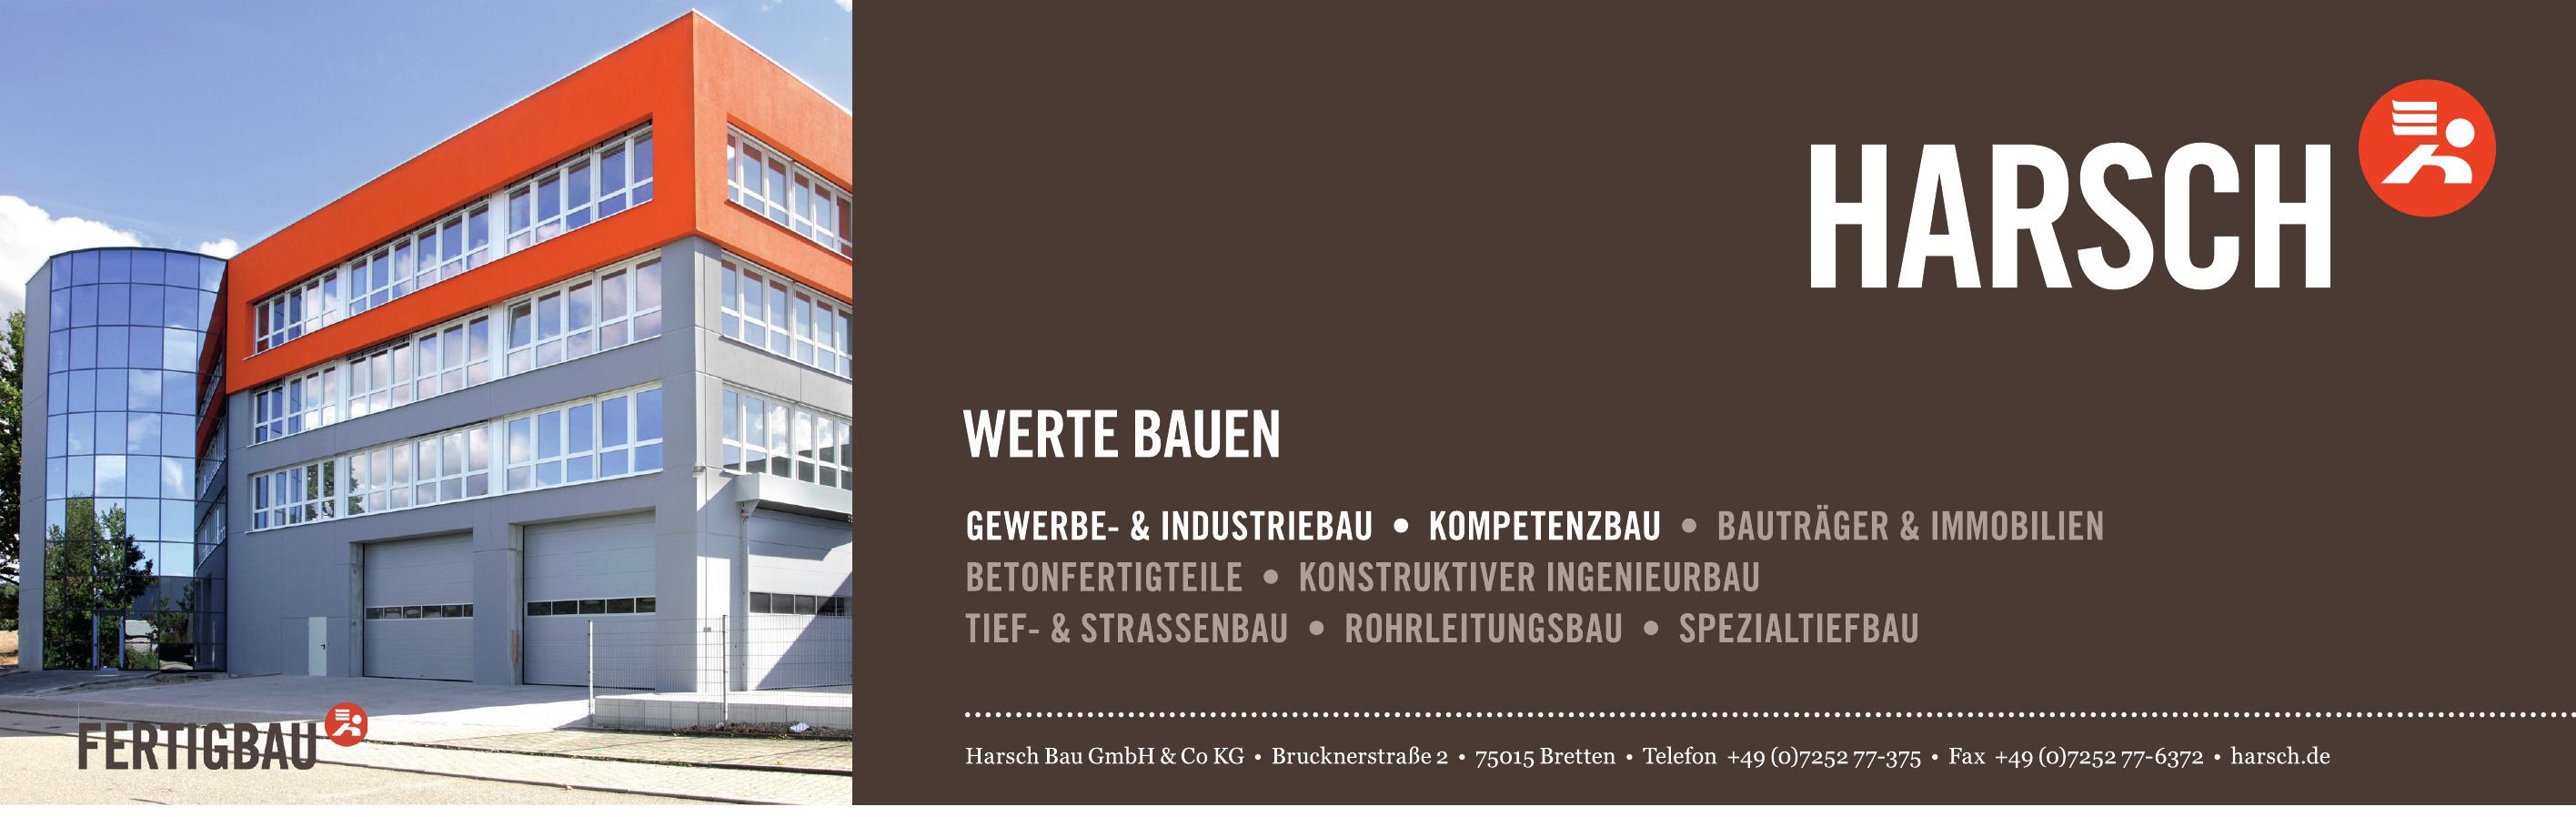 Harsch Bau GmbH & Co KG